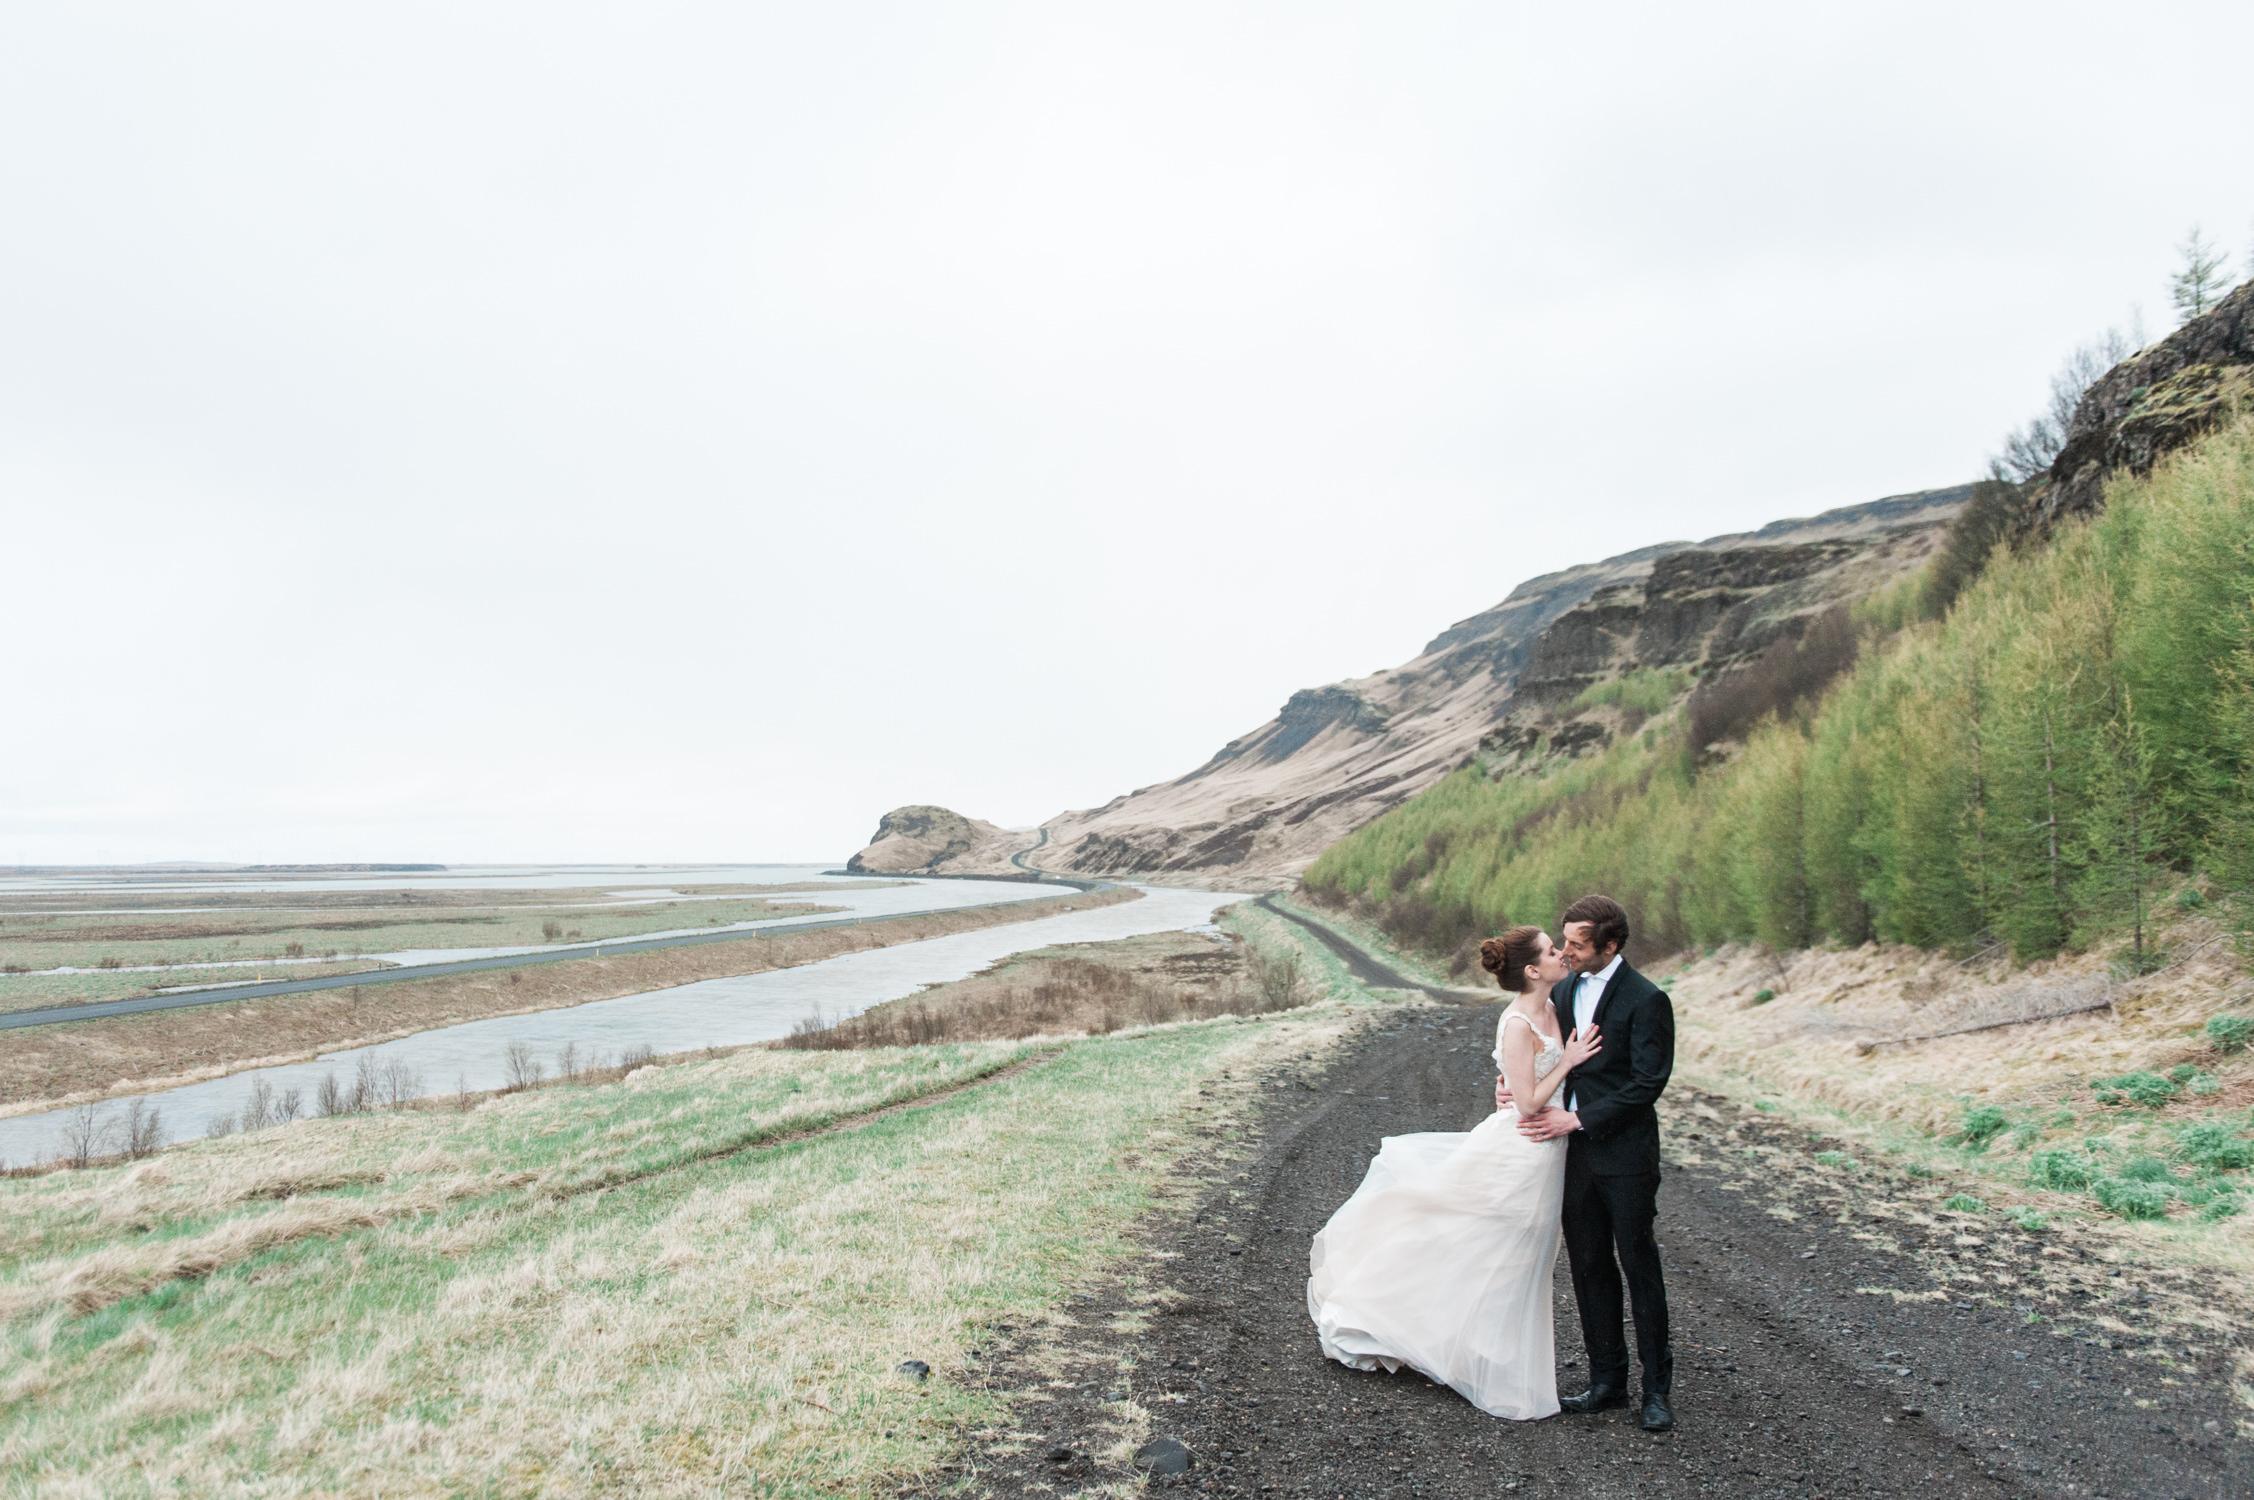 Een bruid en bruidegom op een verlaten weg in IJsland